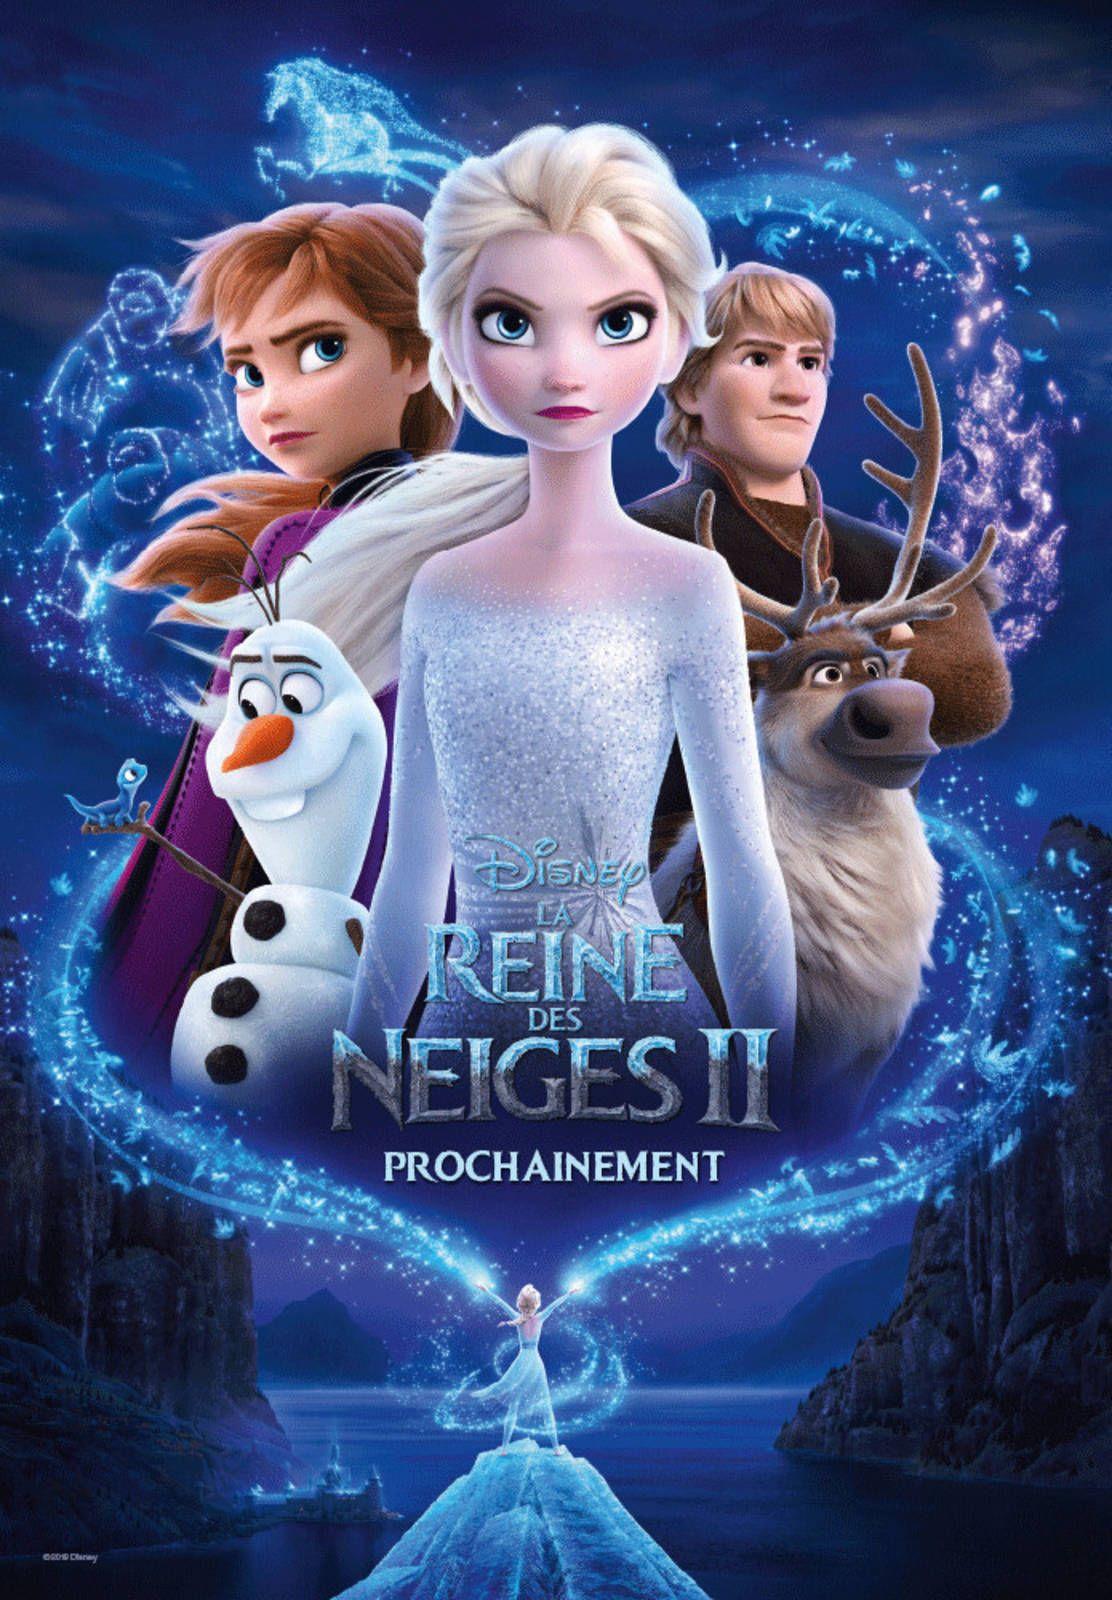 Cinéma de Noël 2019 : Reine des neiges 2 -Ablon-Sur-Seine (94)